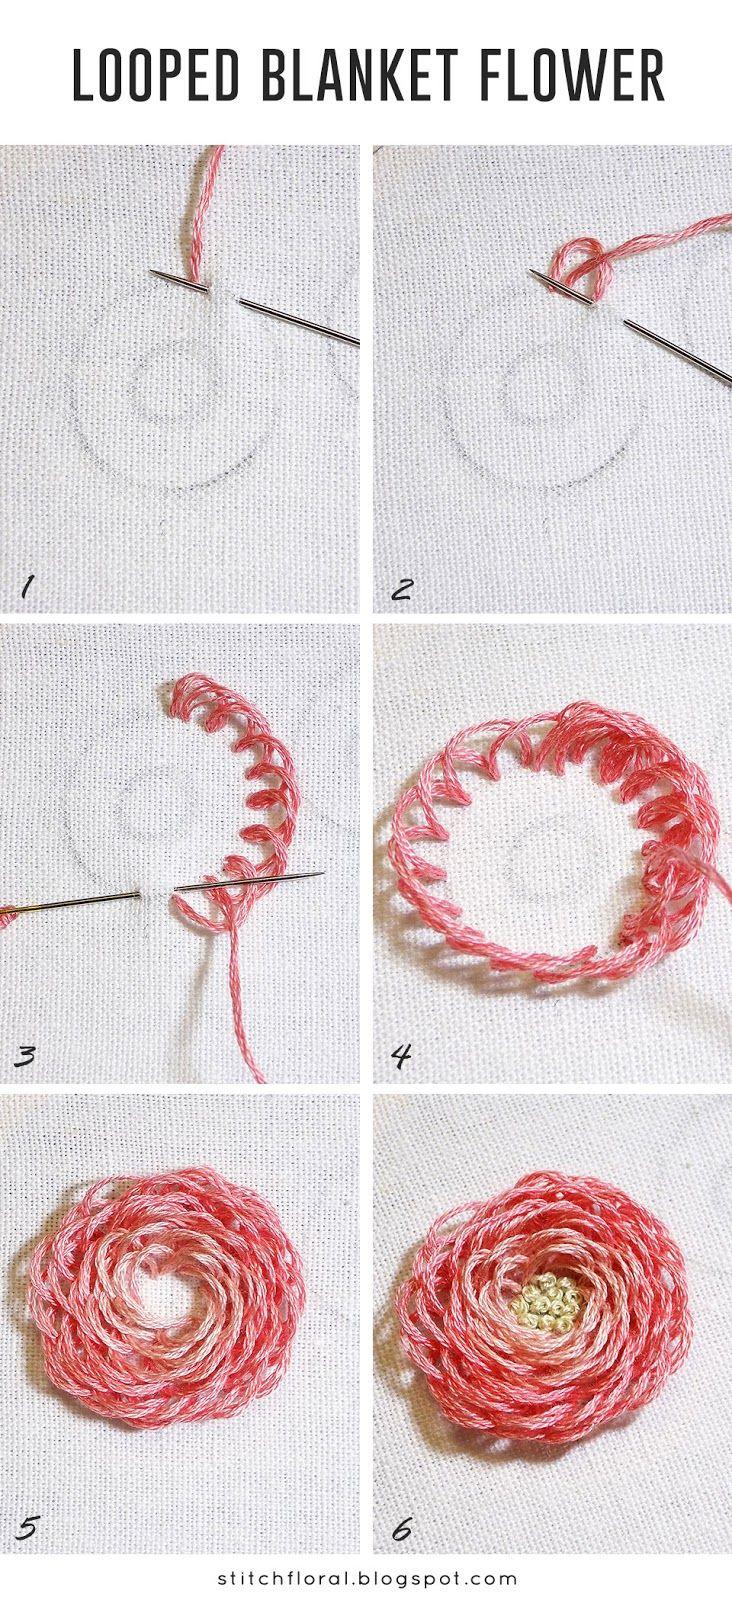 Looped blanket flower tutorial   Sewing embroidery designs ...